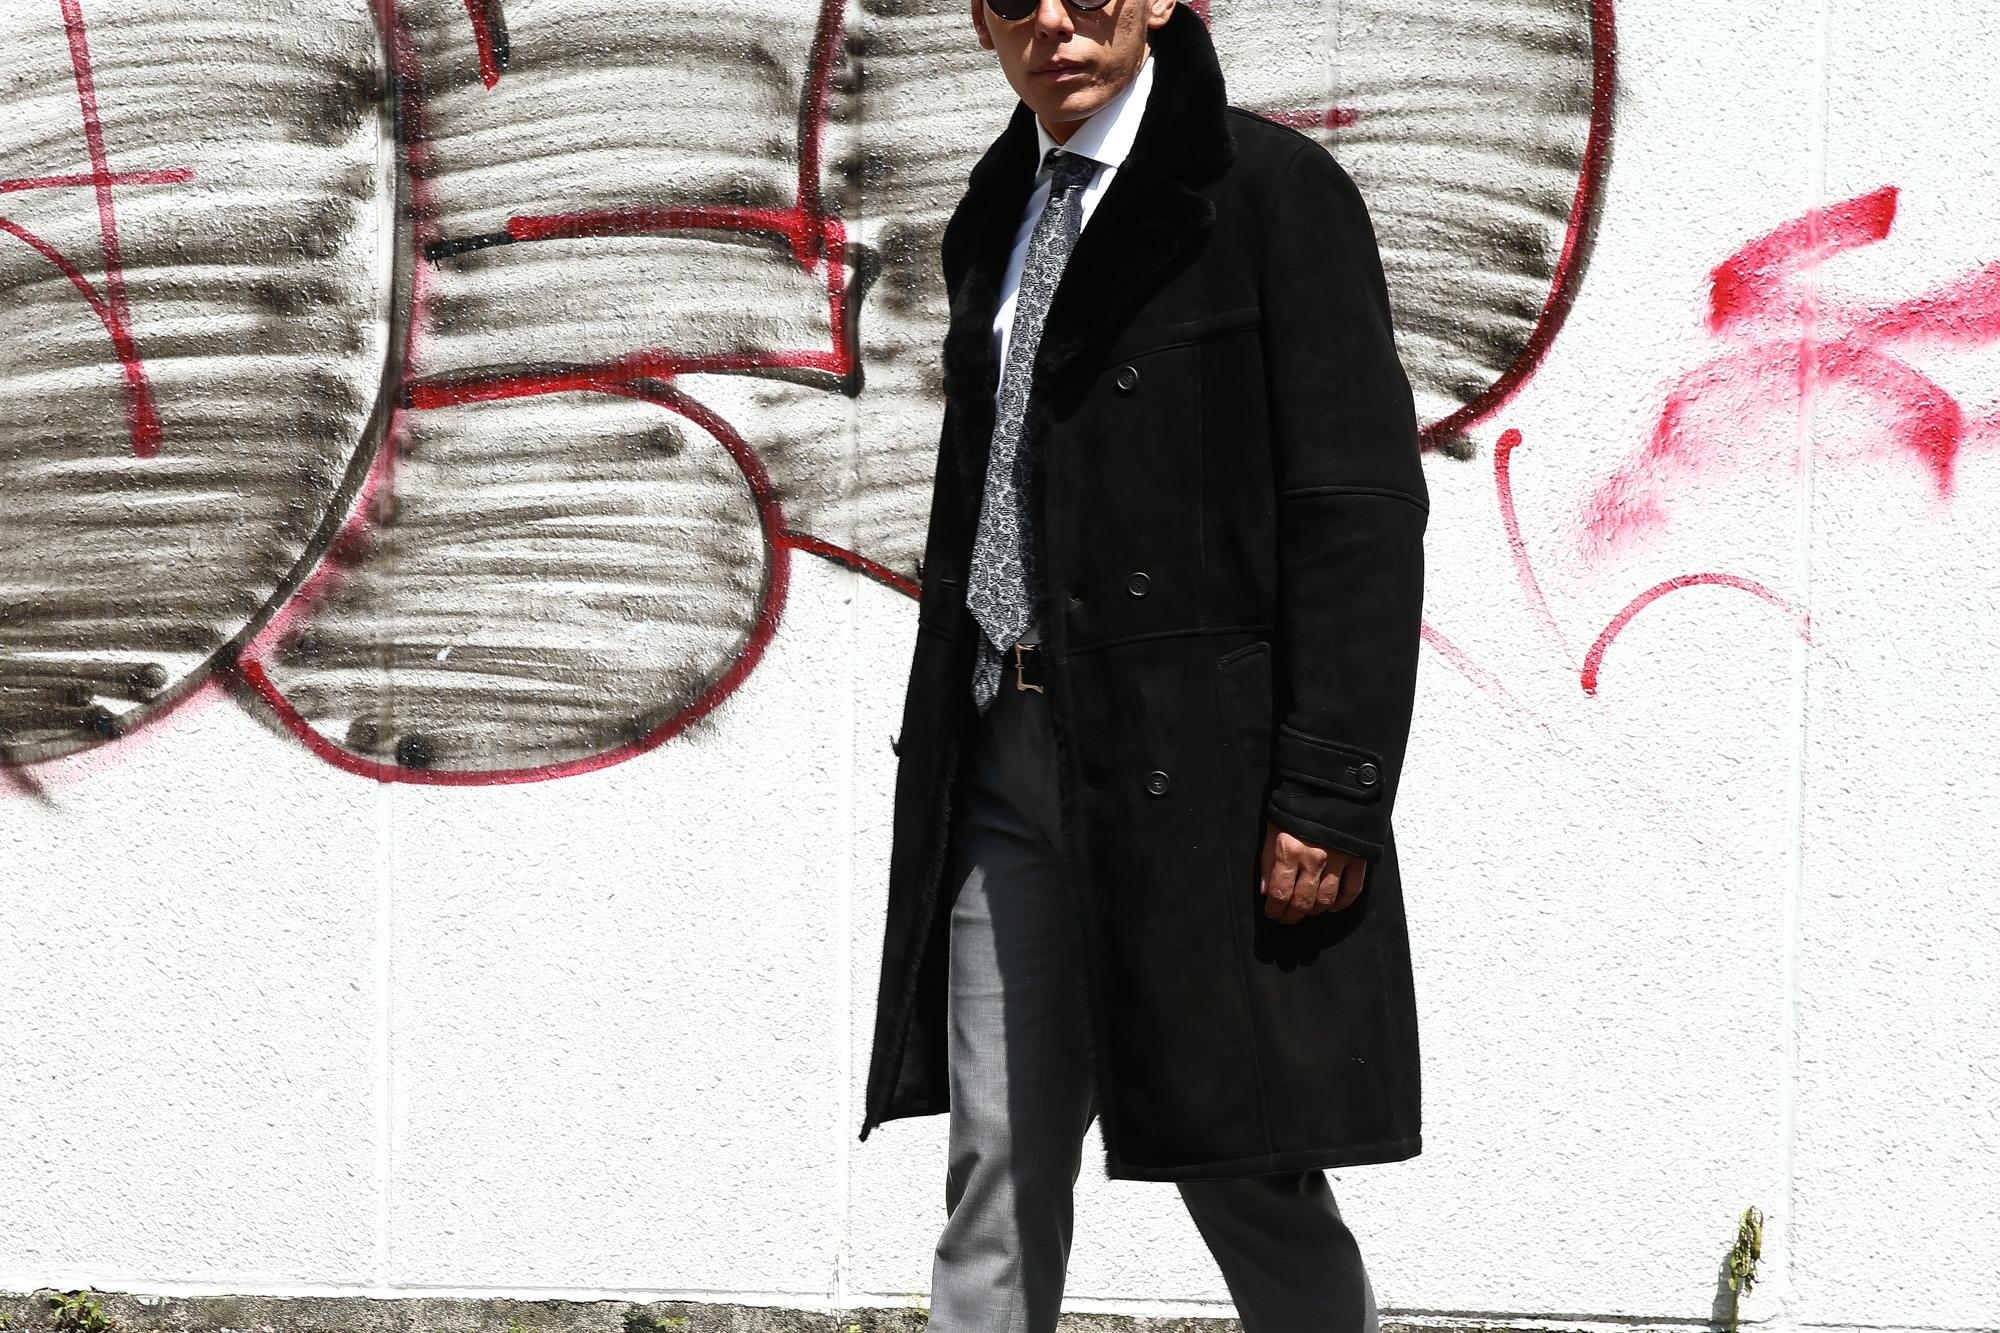 EMMETI (エンメティ) WILL (ウィル) Merino Mouton (メリノ ムートン) ダブルブレスト ムートンコート NERO (ブラック) Made in italy (イタリア製) 2018 秋冬 【ご予約受付中】emmeti ムートンコート 愛知 名古屋 ZODIAC ゾディアック  42,44,46,48,50,52